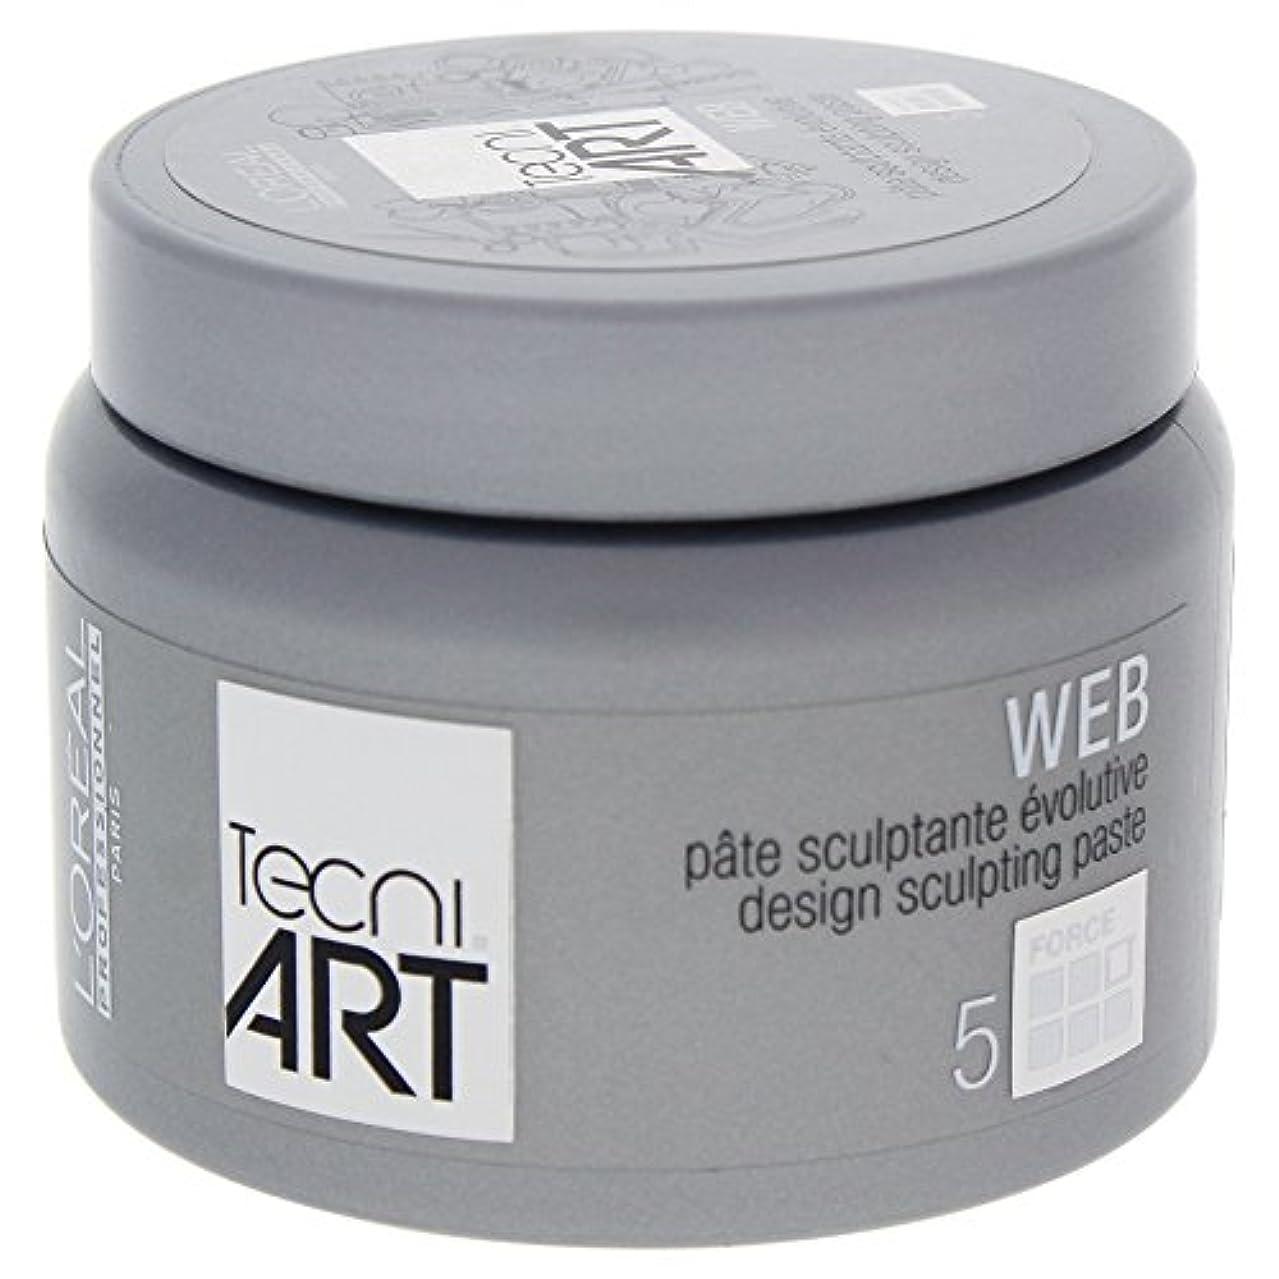 メダル急襲シェアロレアルテクニアートTecni Art Force 5 Web Design Sculpting Paste